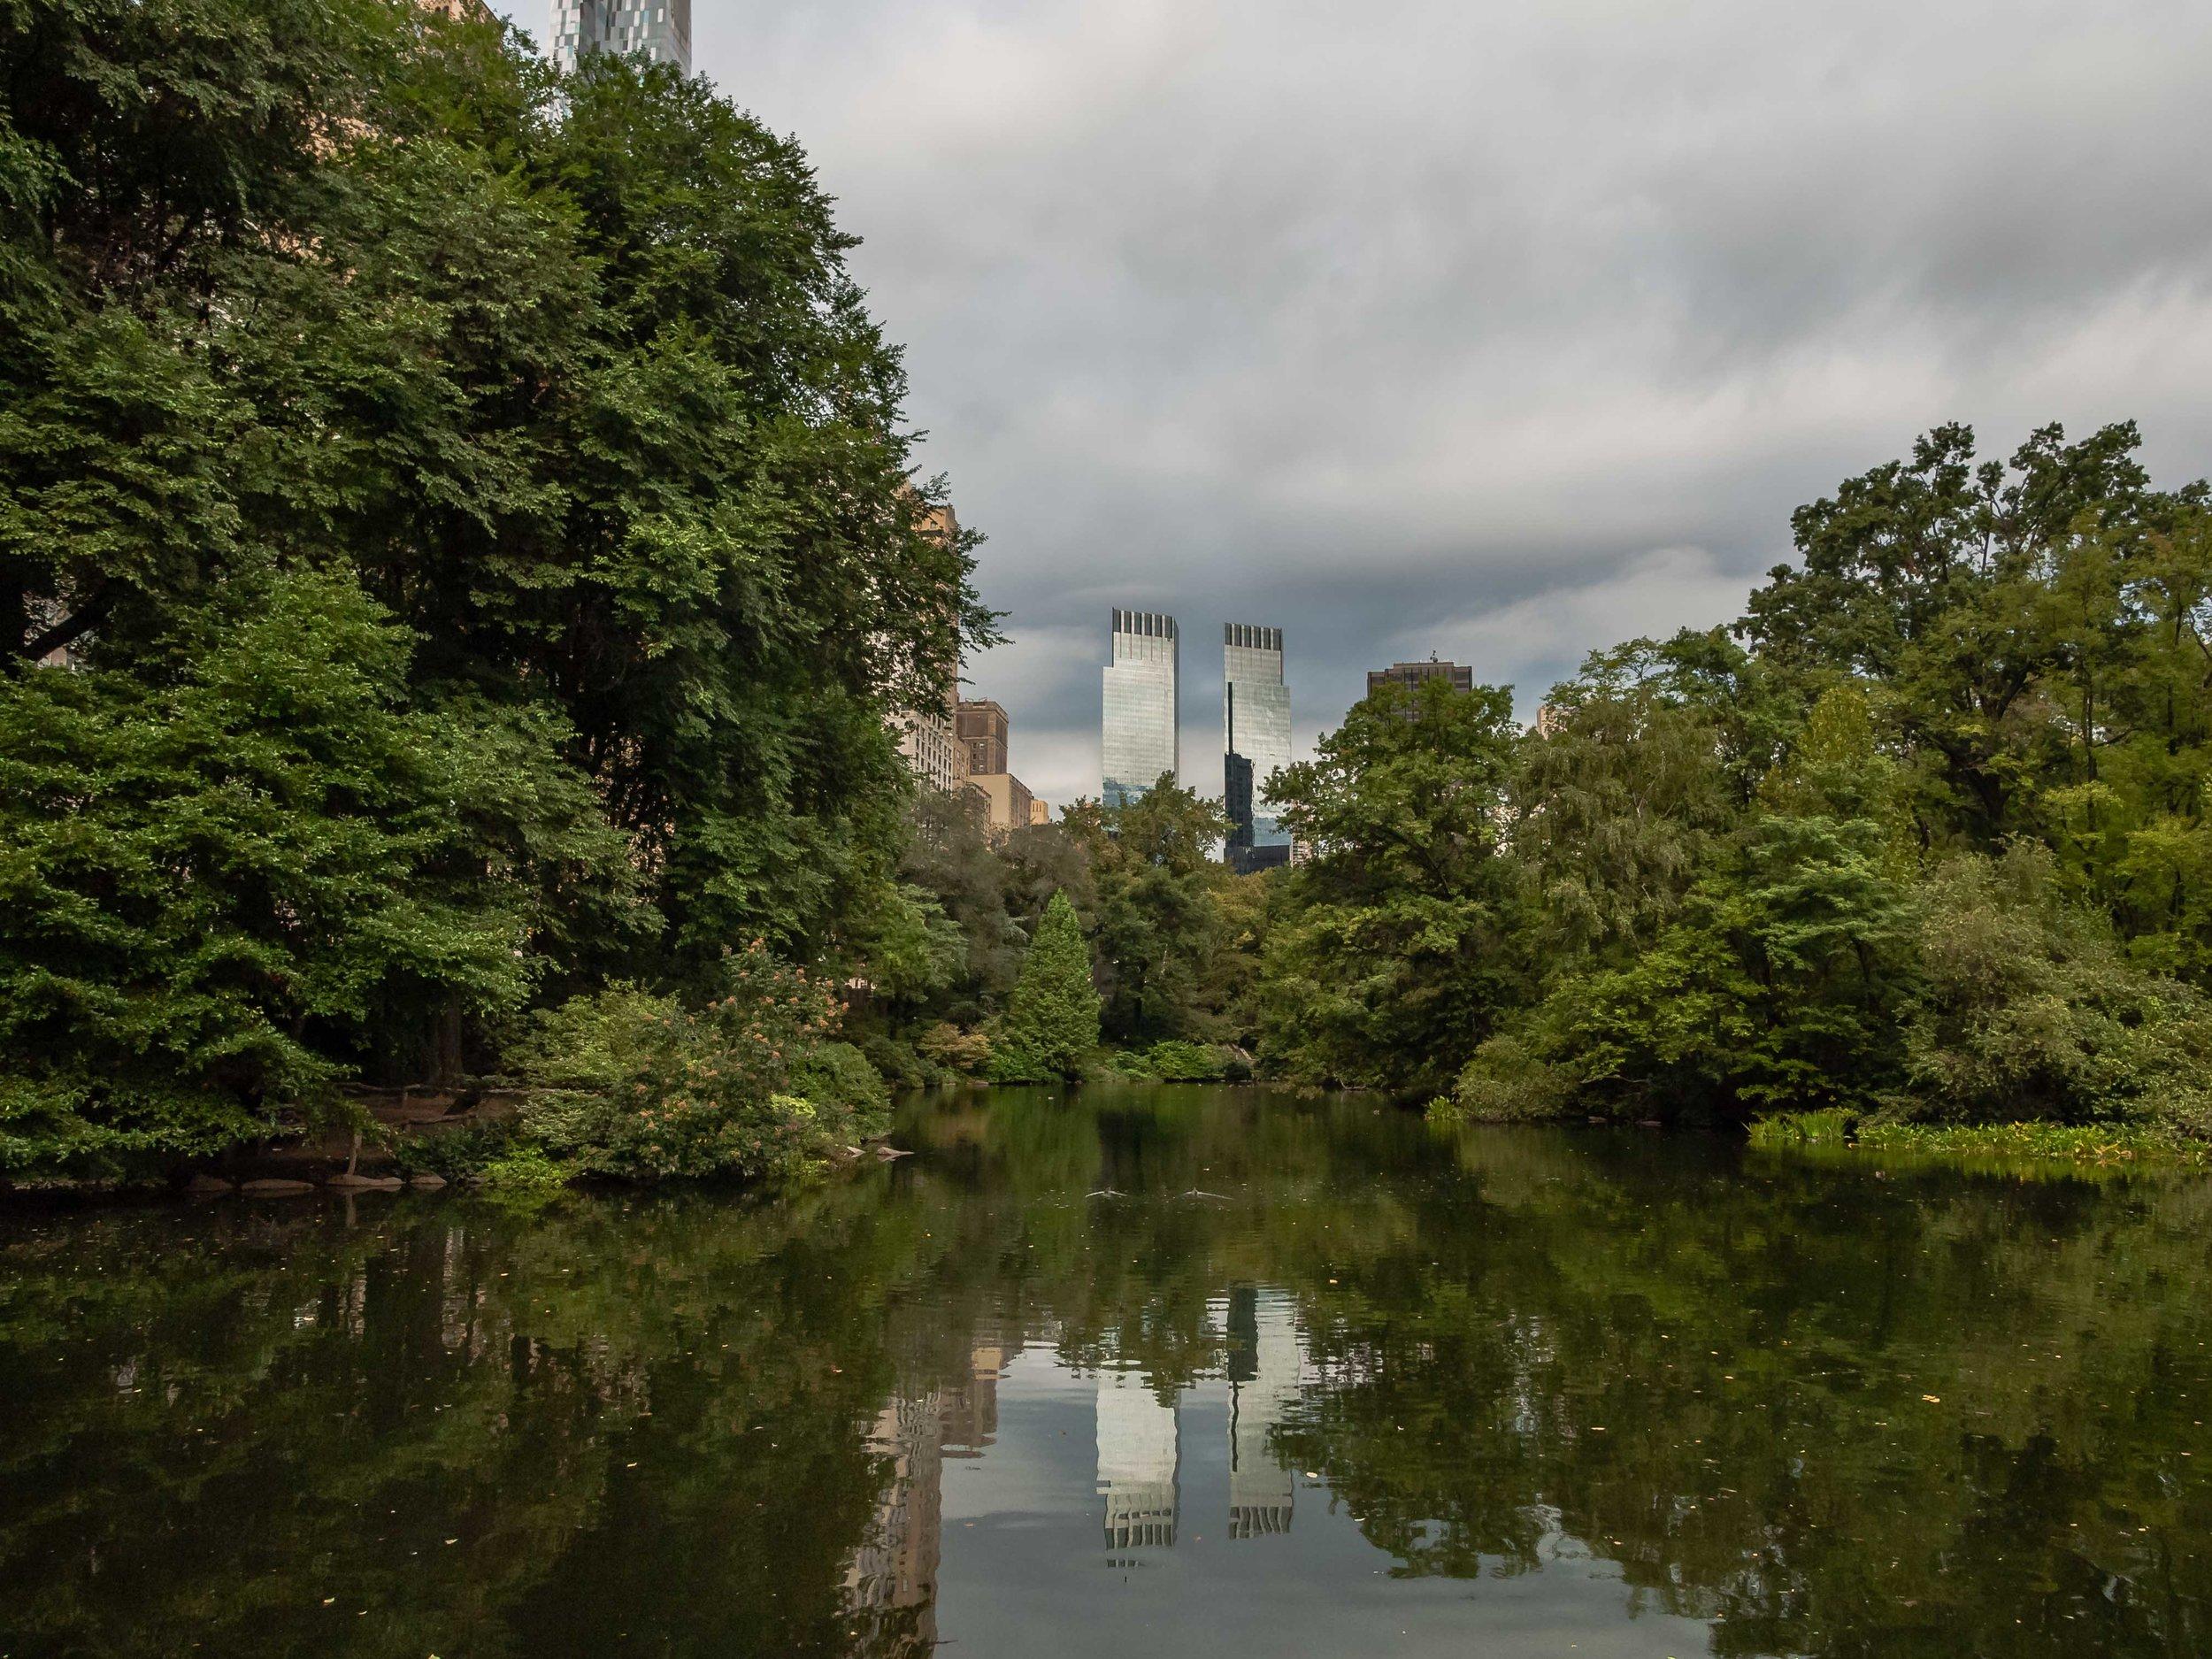 The Pond, September 2015